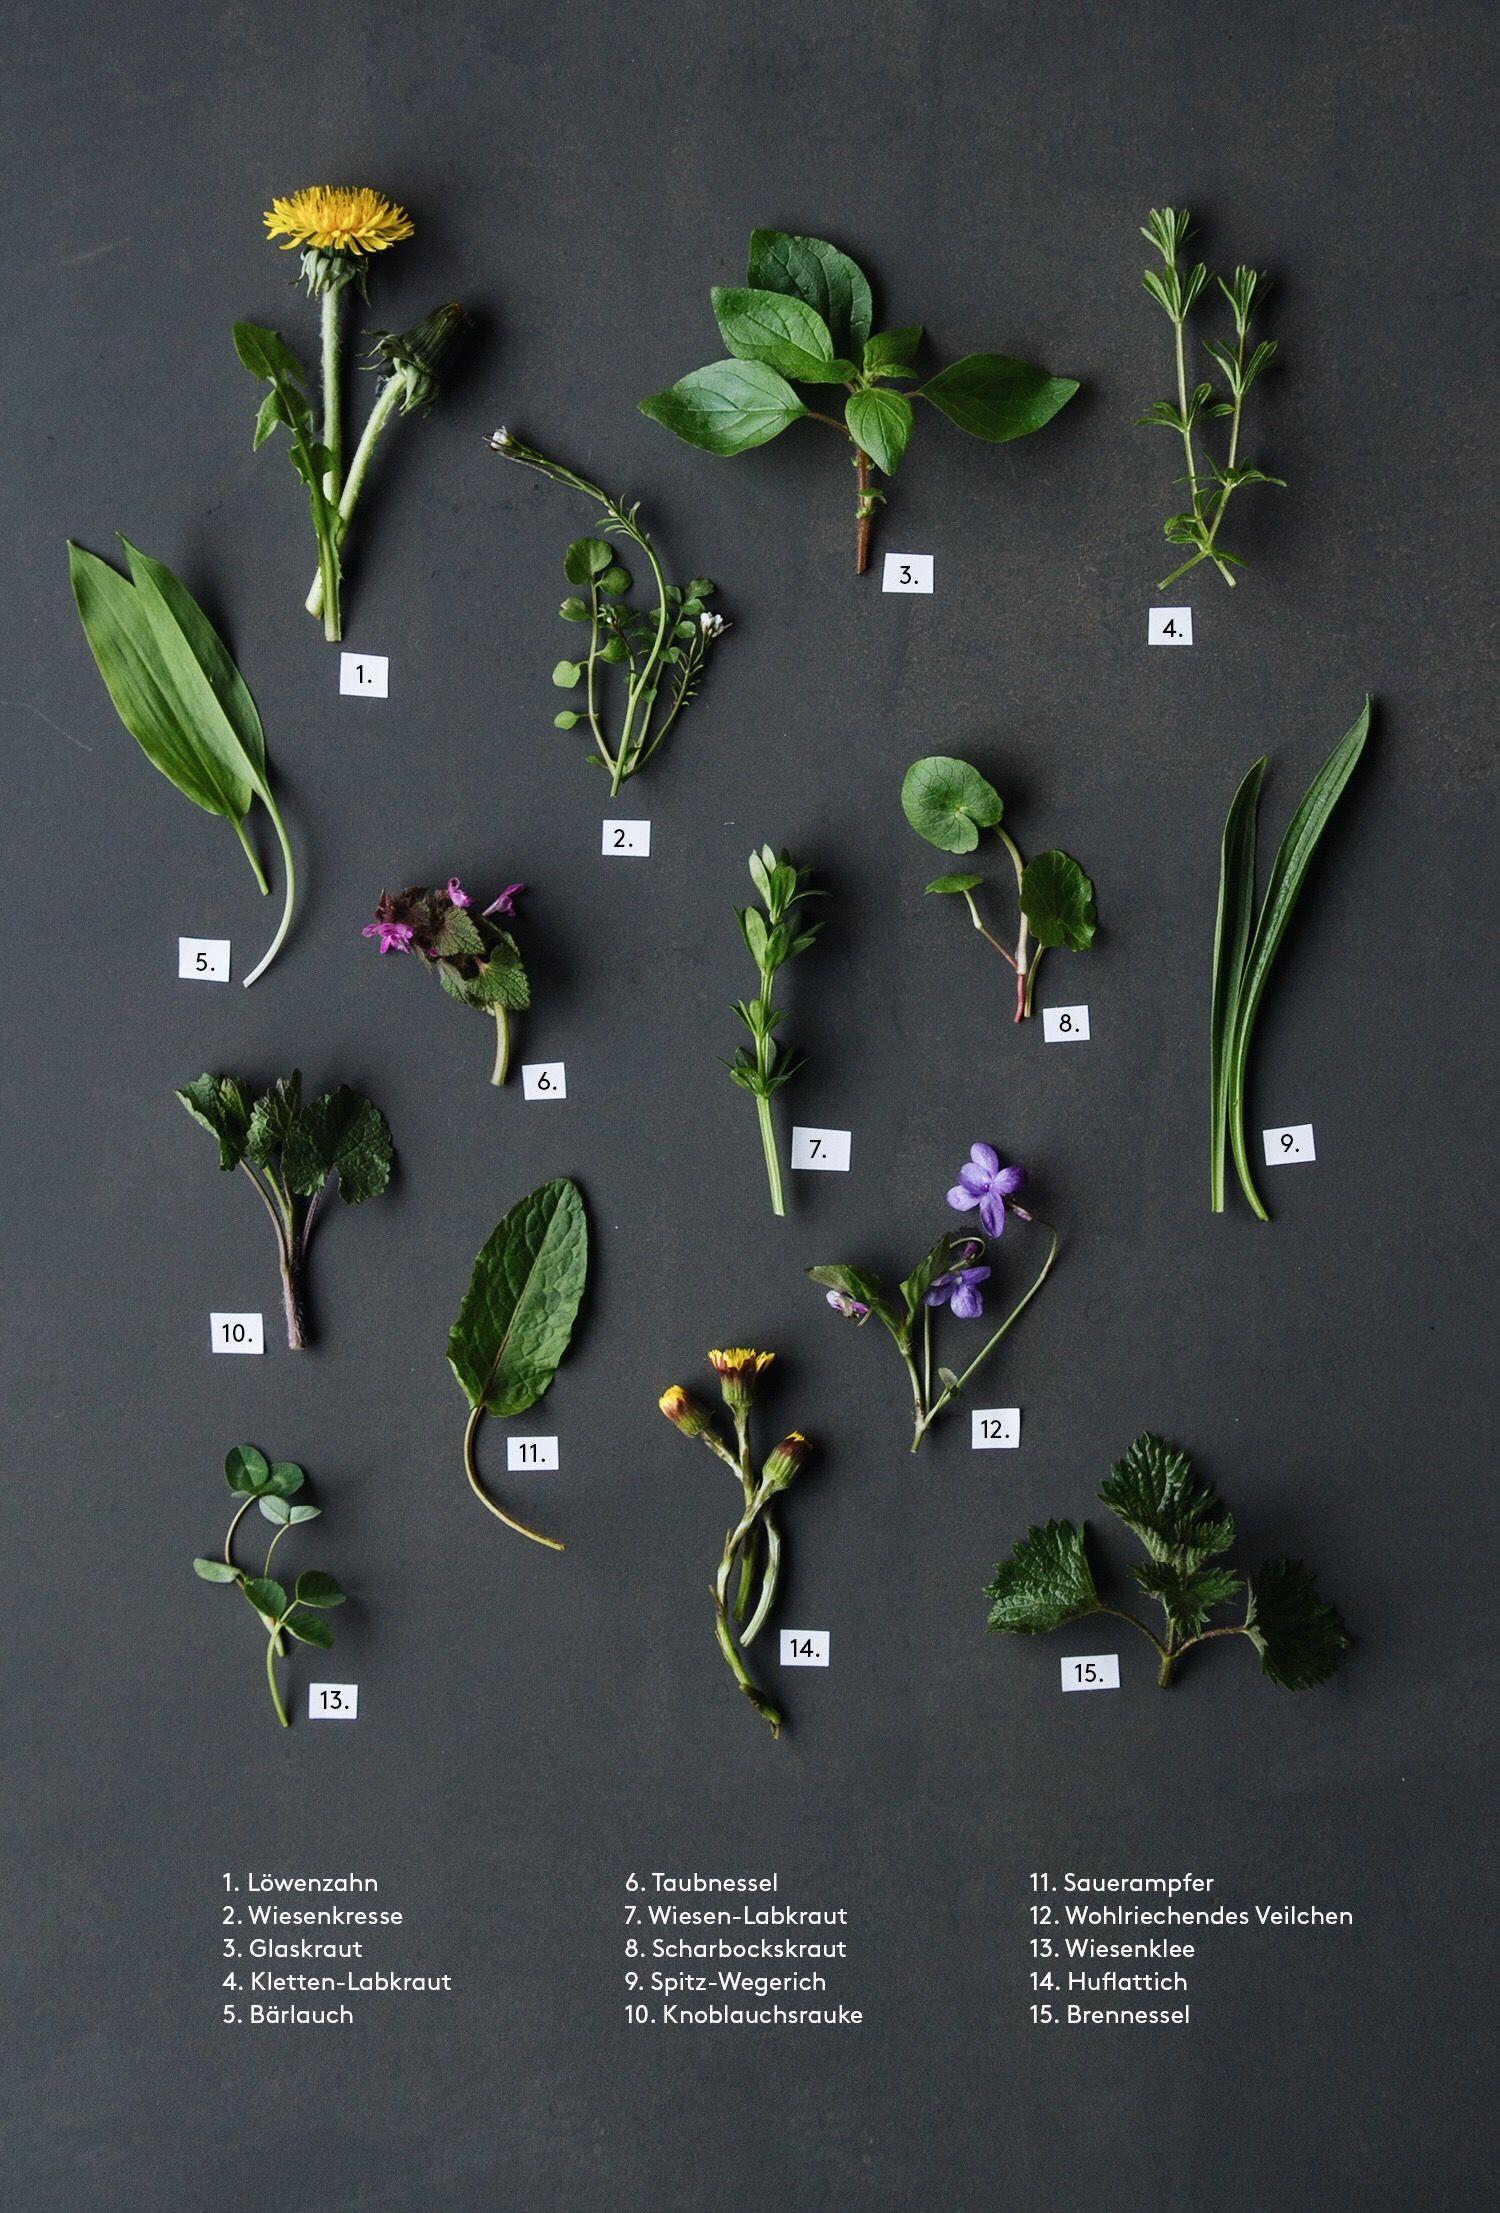 Wildkrauter Nom Nom Essbare Pflanzen Krauterpflanzen Krauter Pflanzen